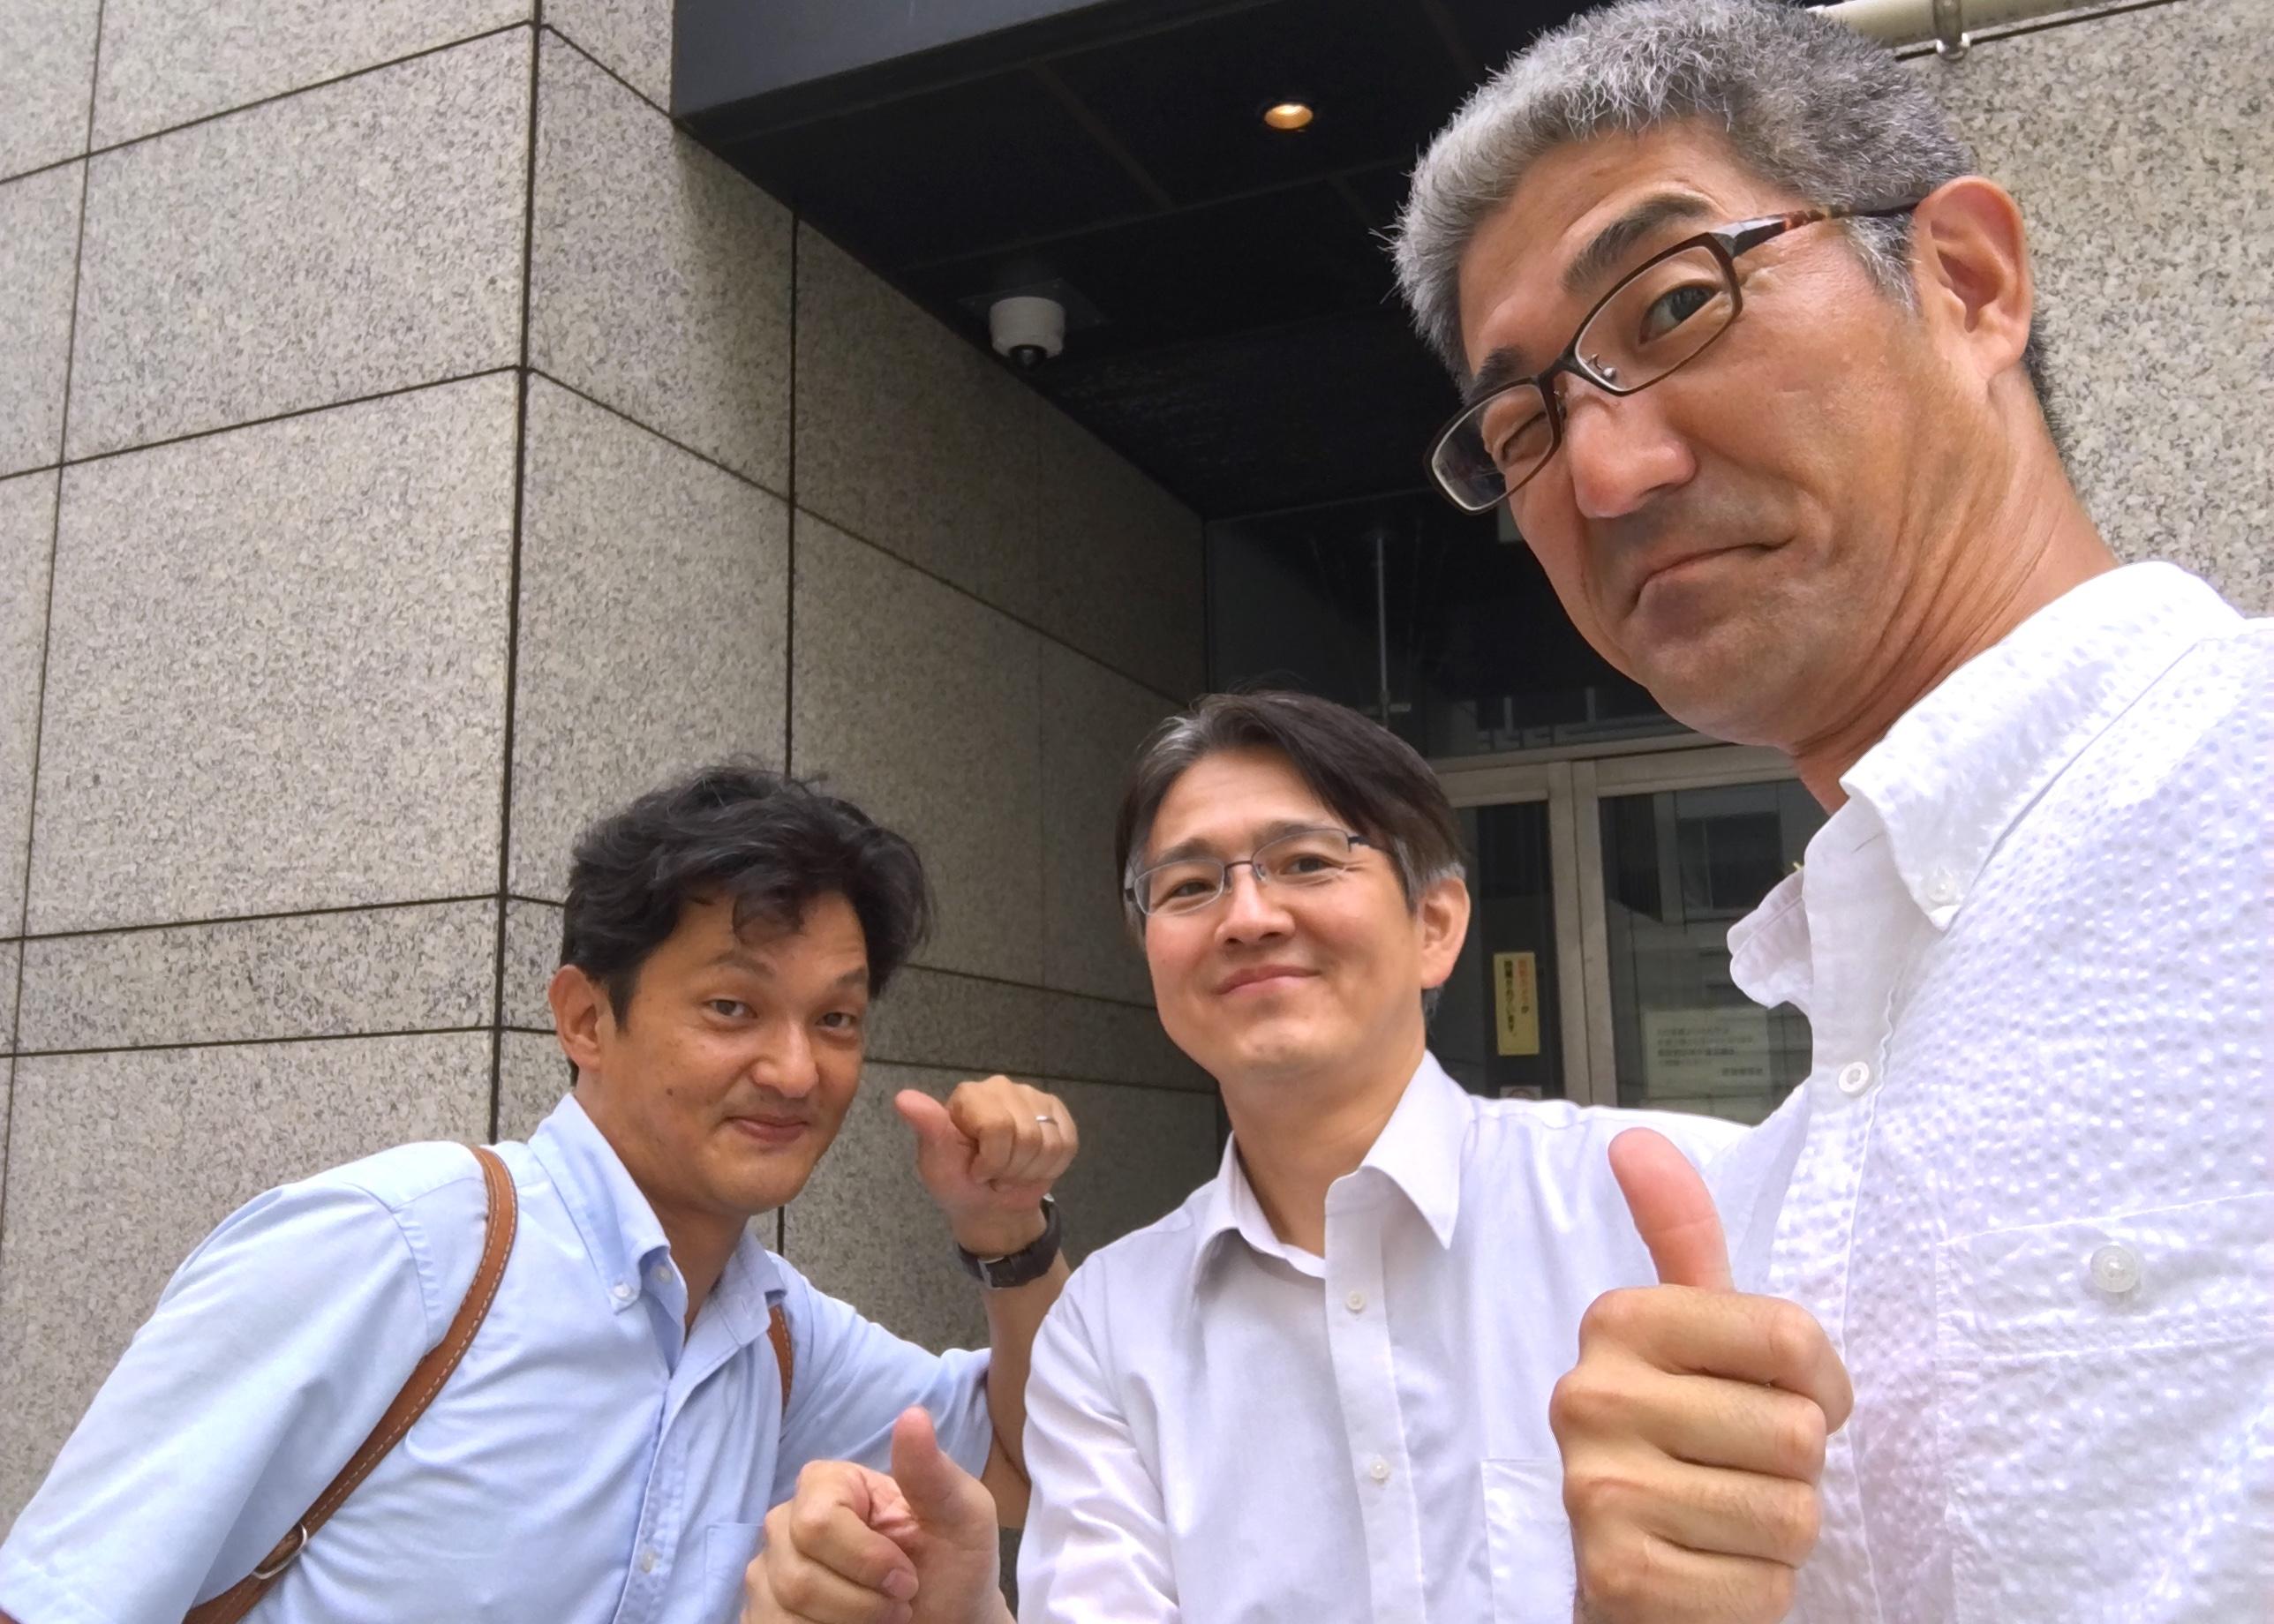 横浜界隈でファザーリング活動〜その中身は改めて公表します